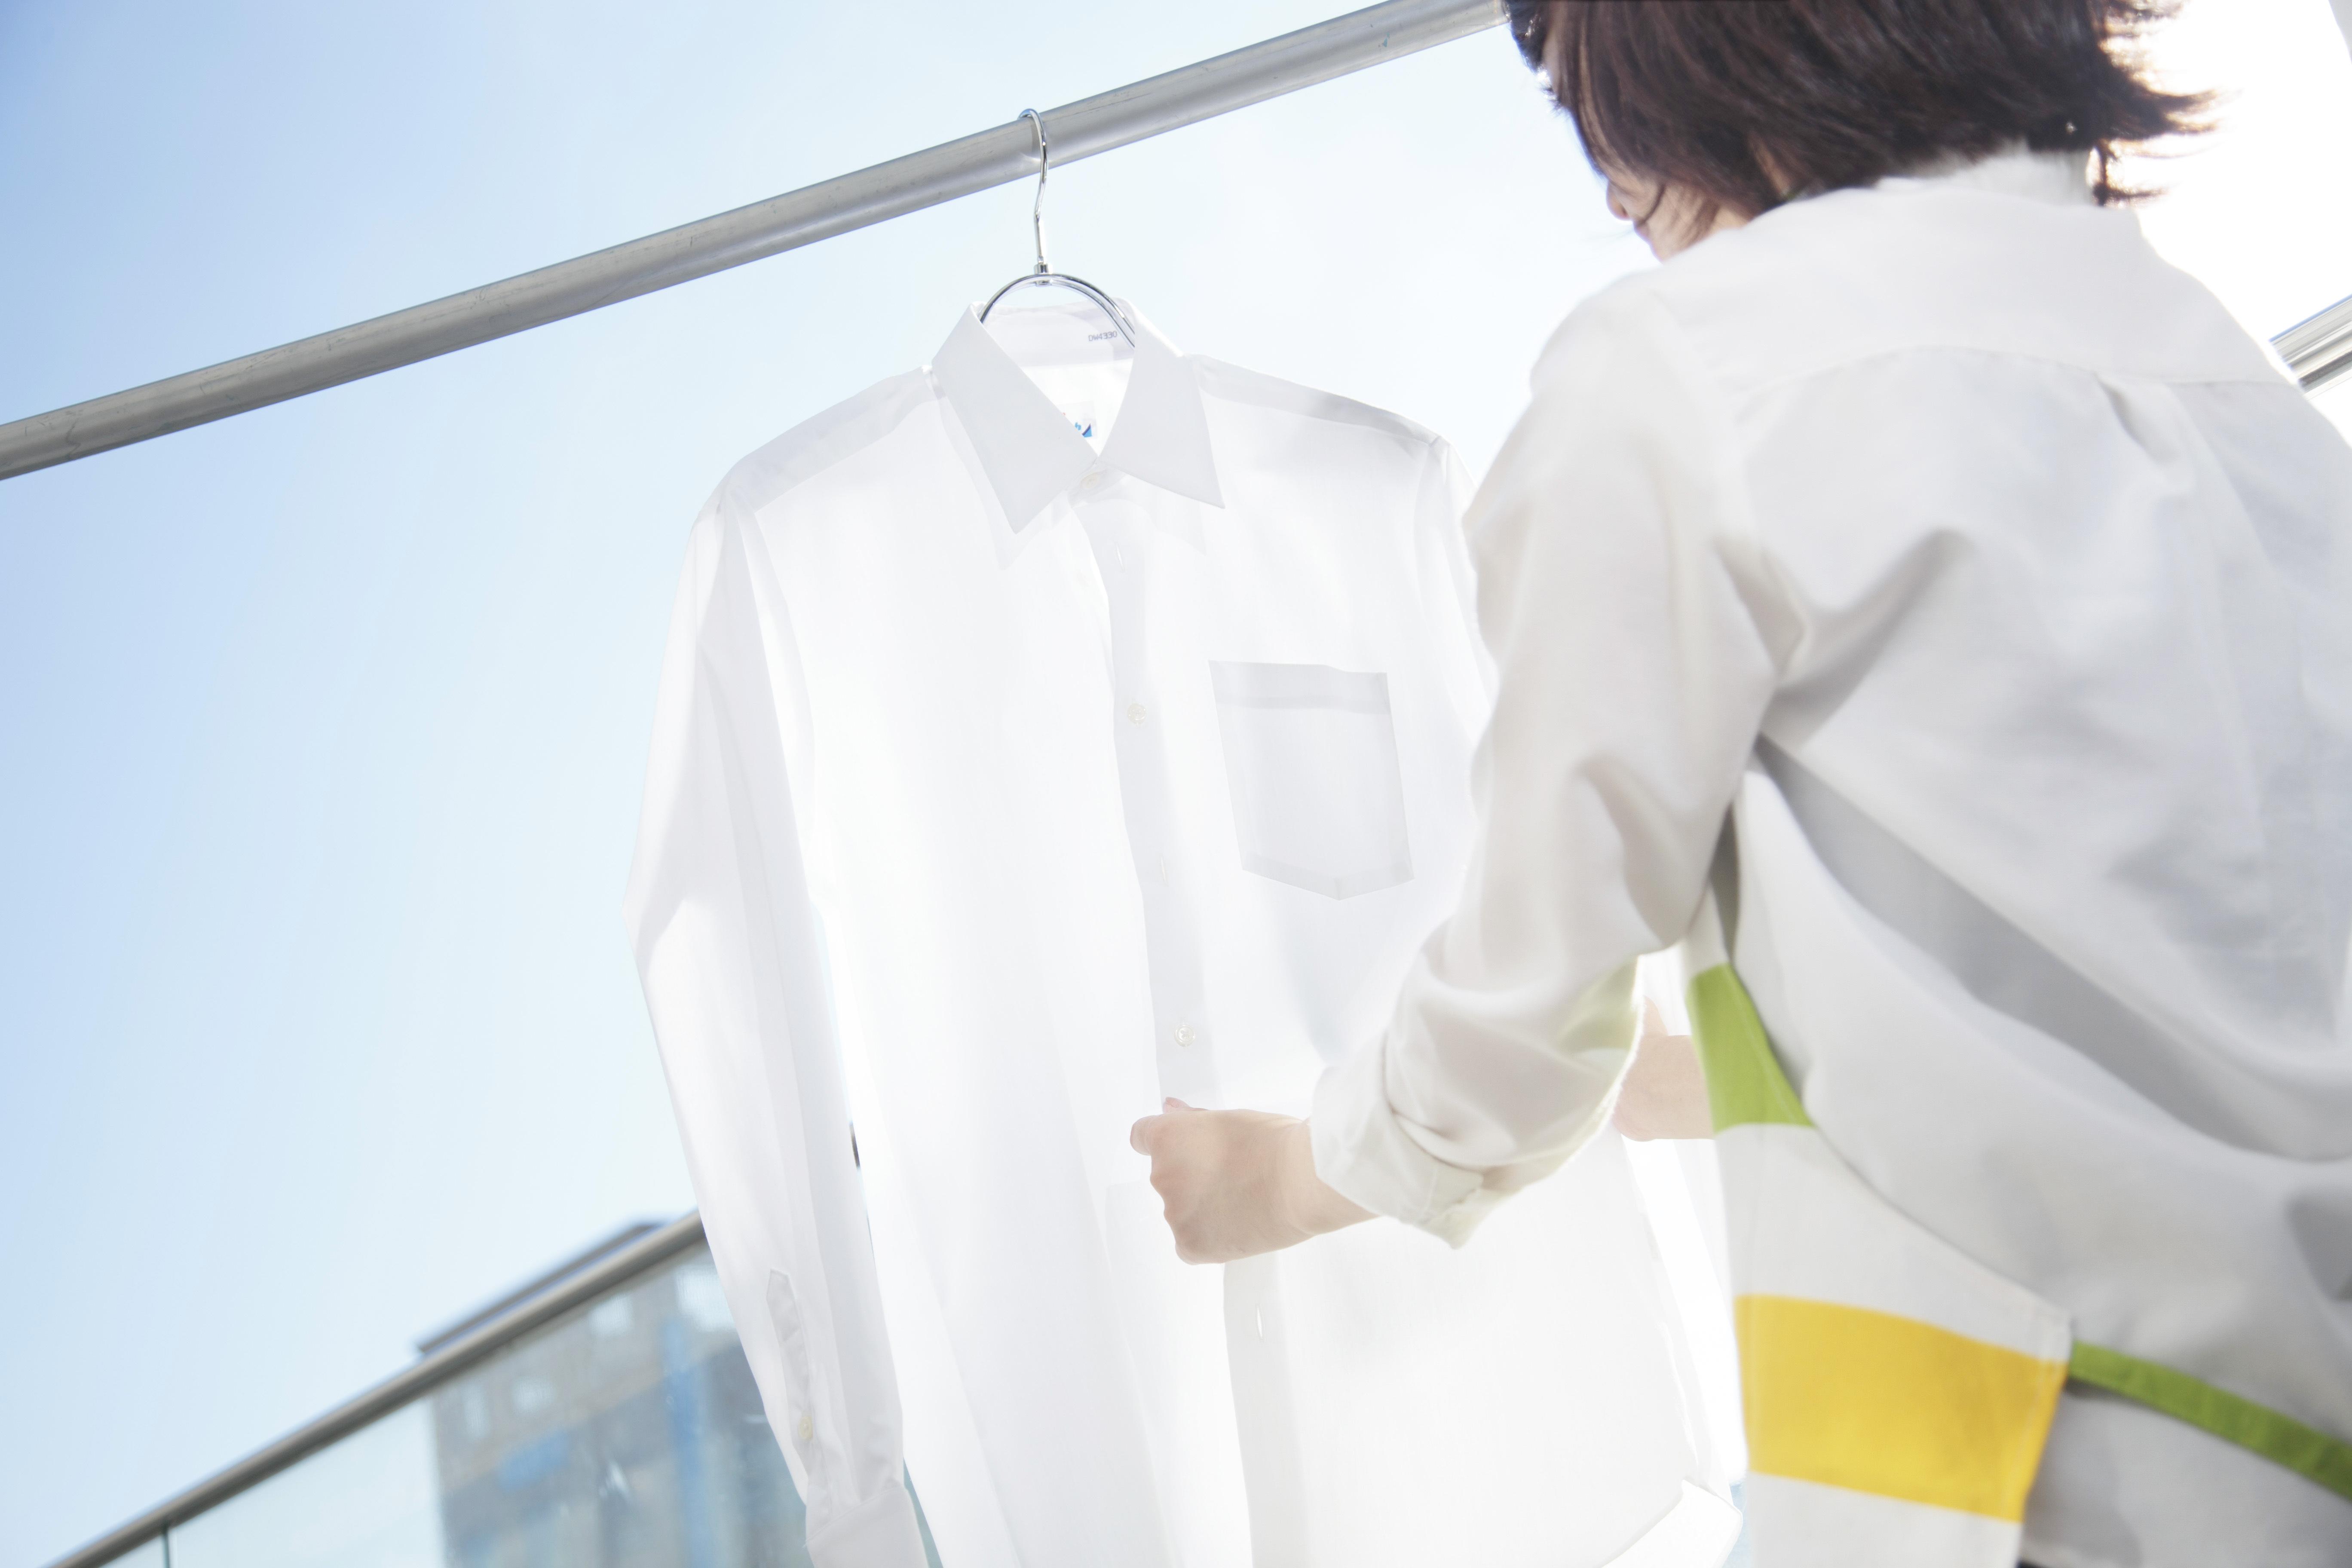 面倒なアイロンがけ。時短を叶えるシャツの選び方。